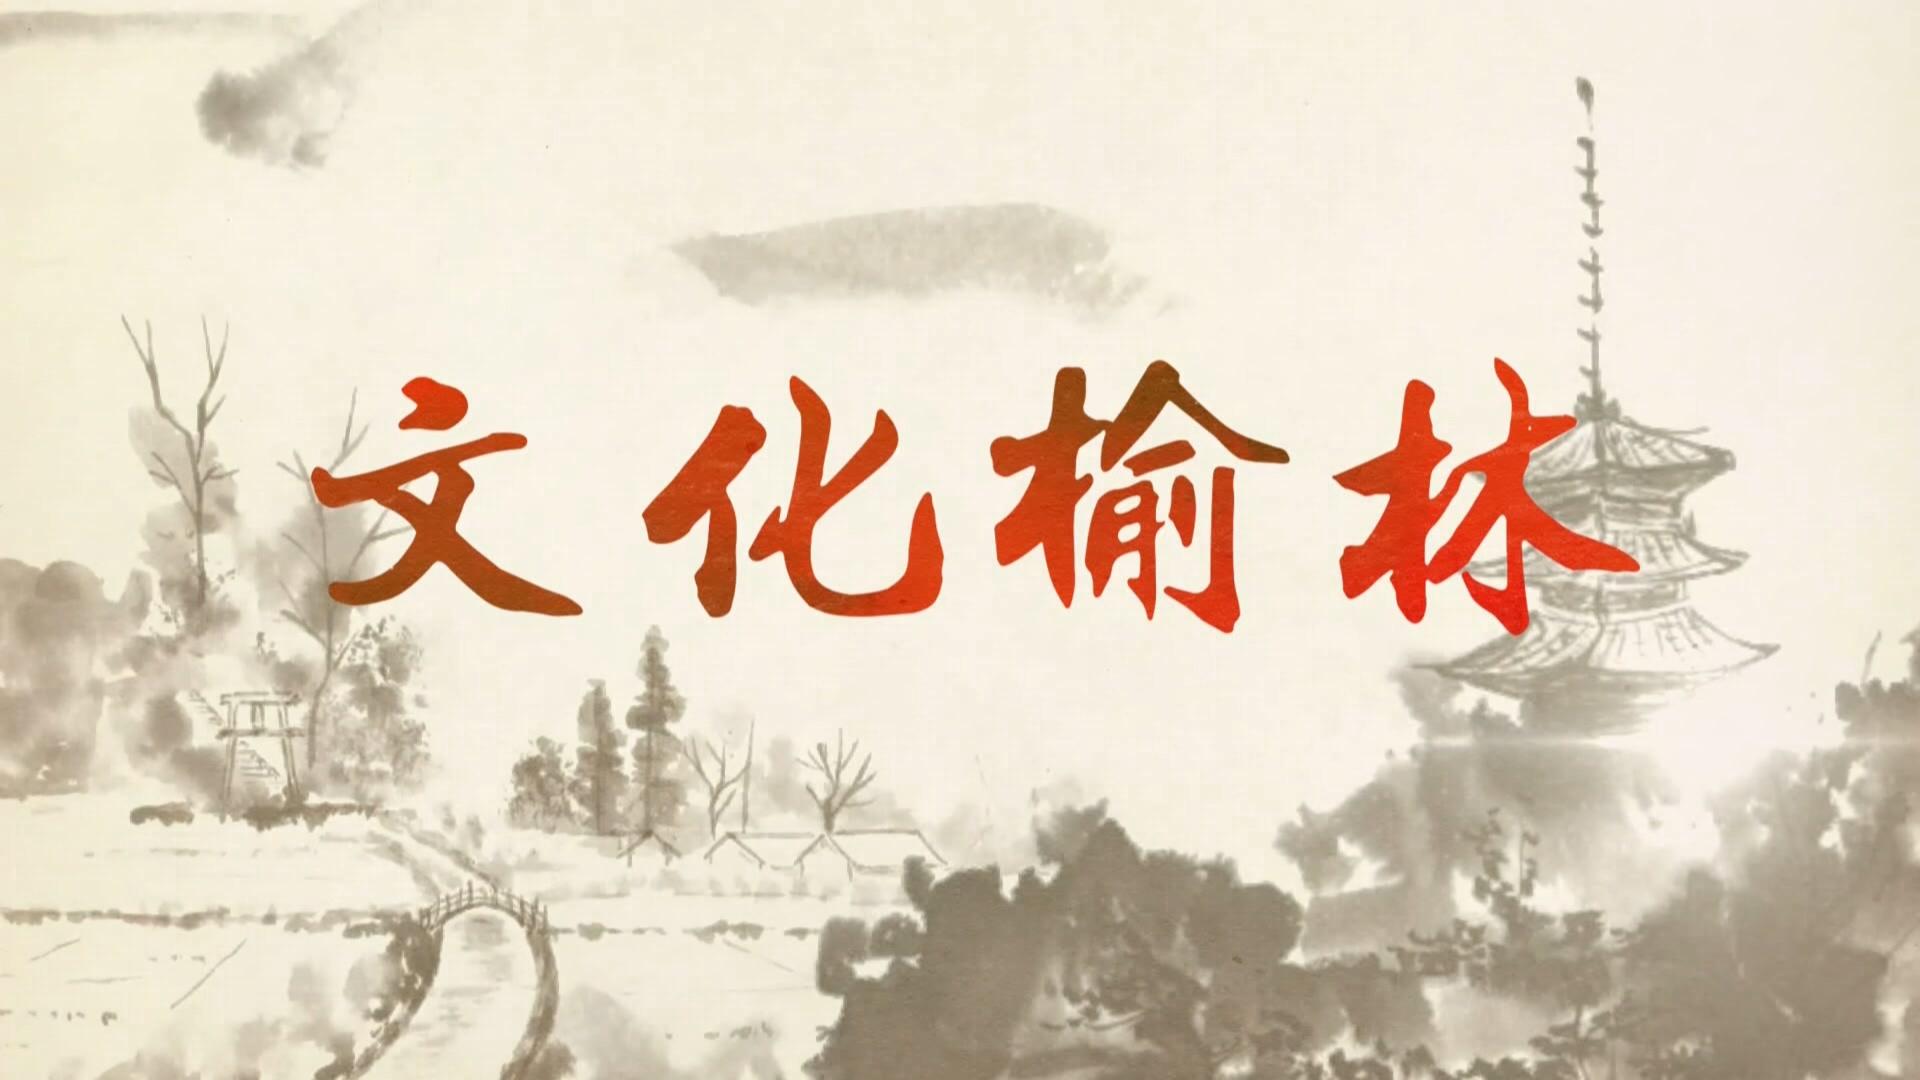 【文化榆林】榆林非遗之陕北剪纸(下)